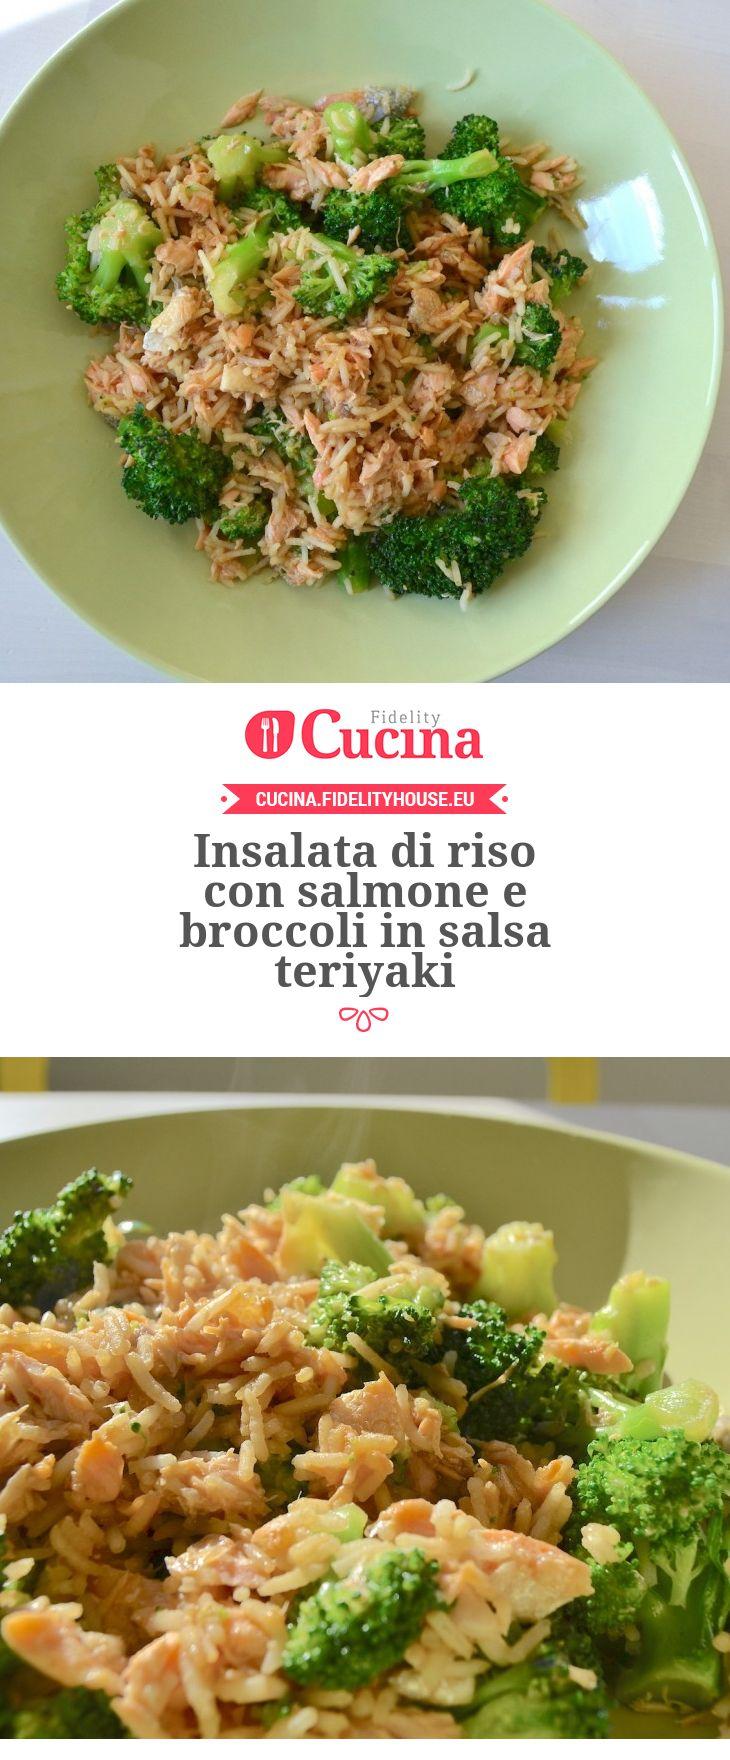 Insalata di riso con salmone e broccoli in salsa teriyaki della nostra utente Martina. Unisciti alla nostra Community ed invia le tue ricette!